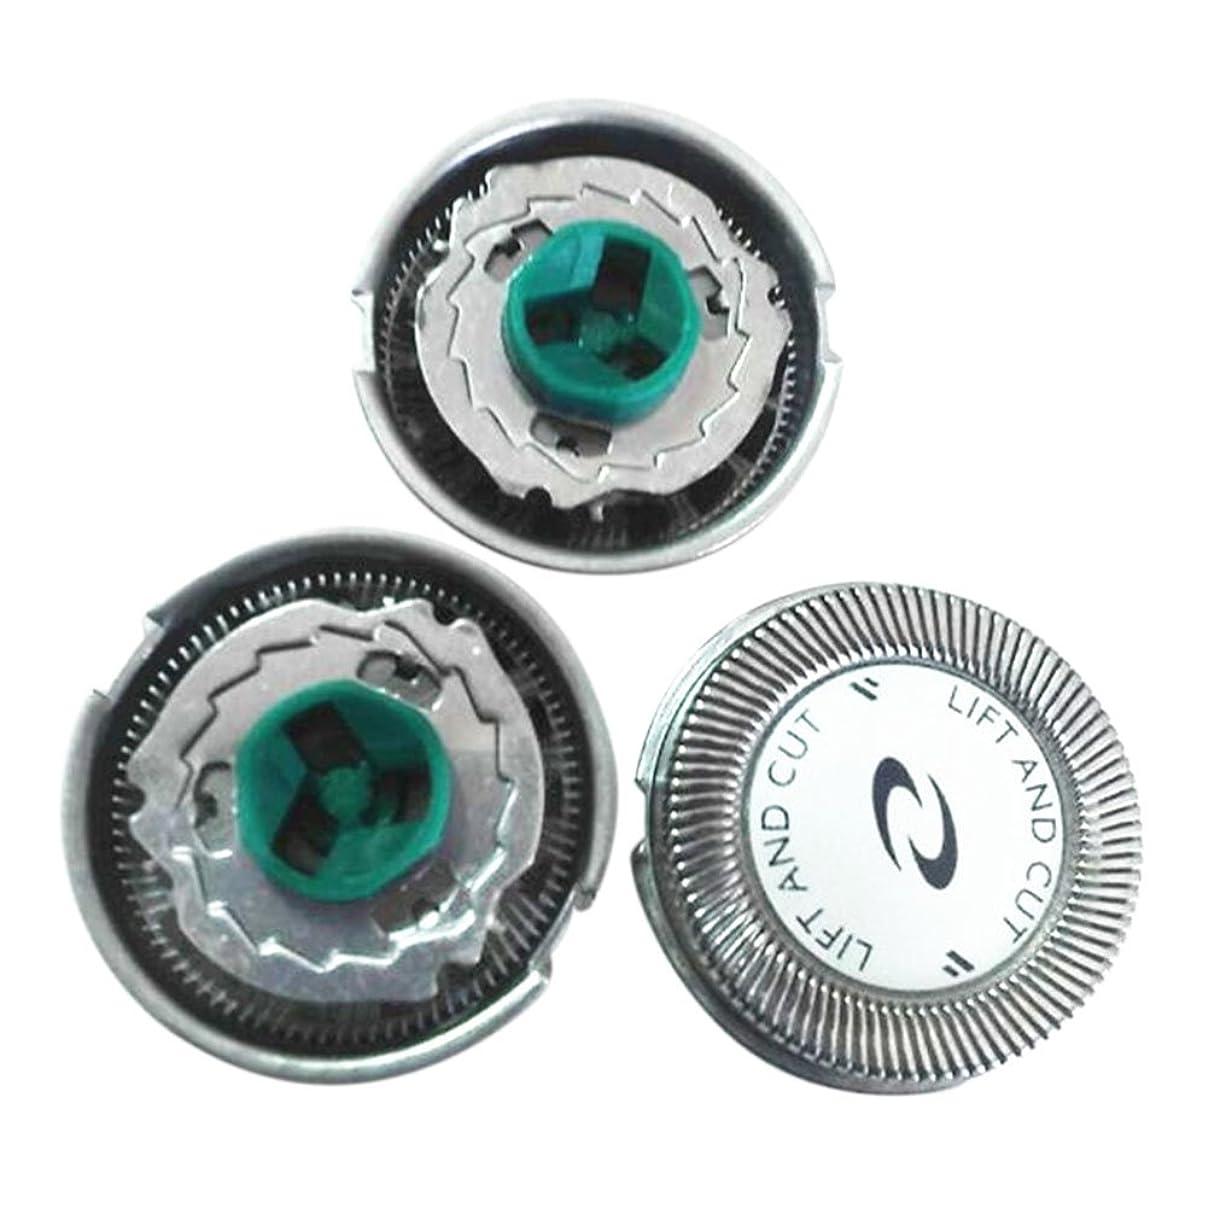 乳製品ファウル服HZjundasi 3x Replacement シェーバーヘッドフォイル+Cutters for Philip HQ5705/5710 PT720 AT750